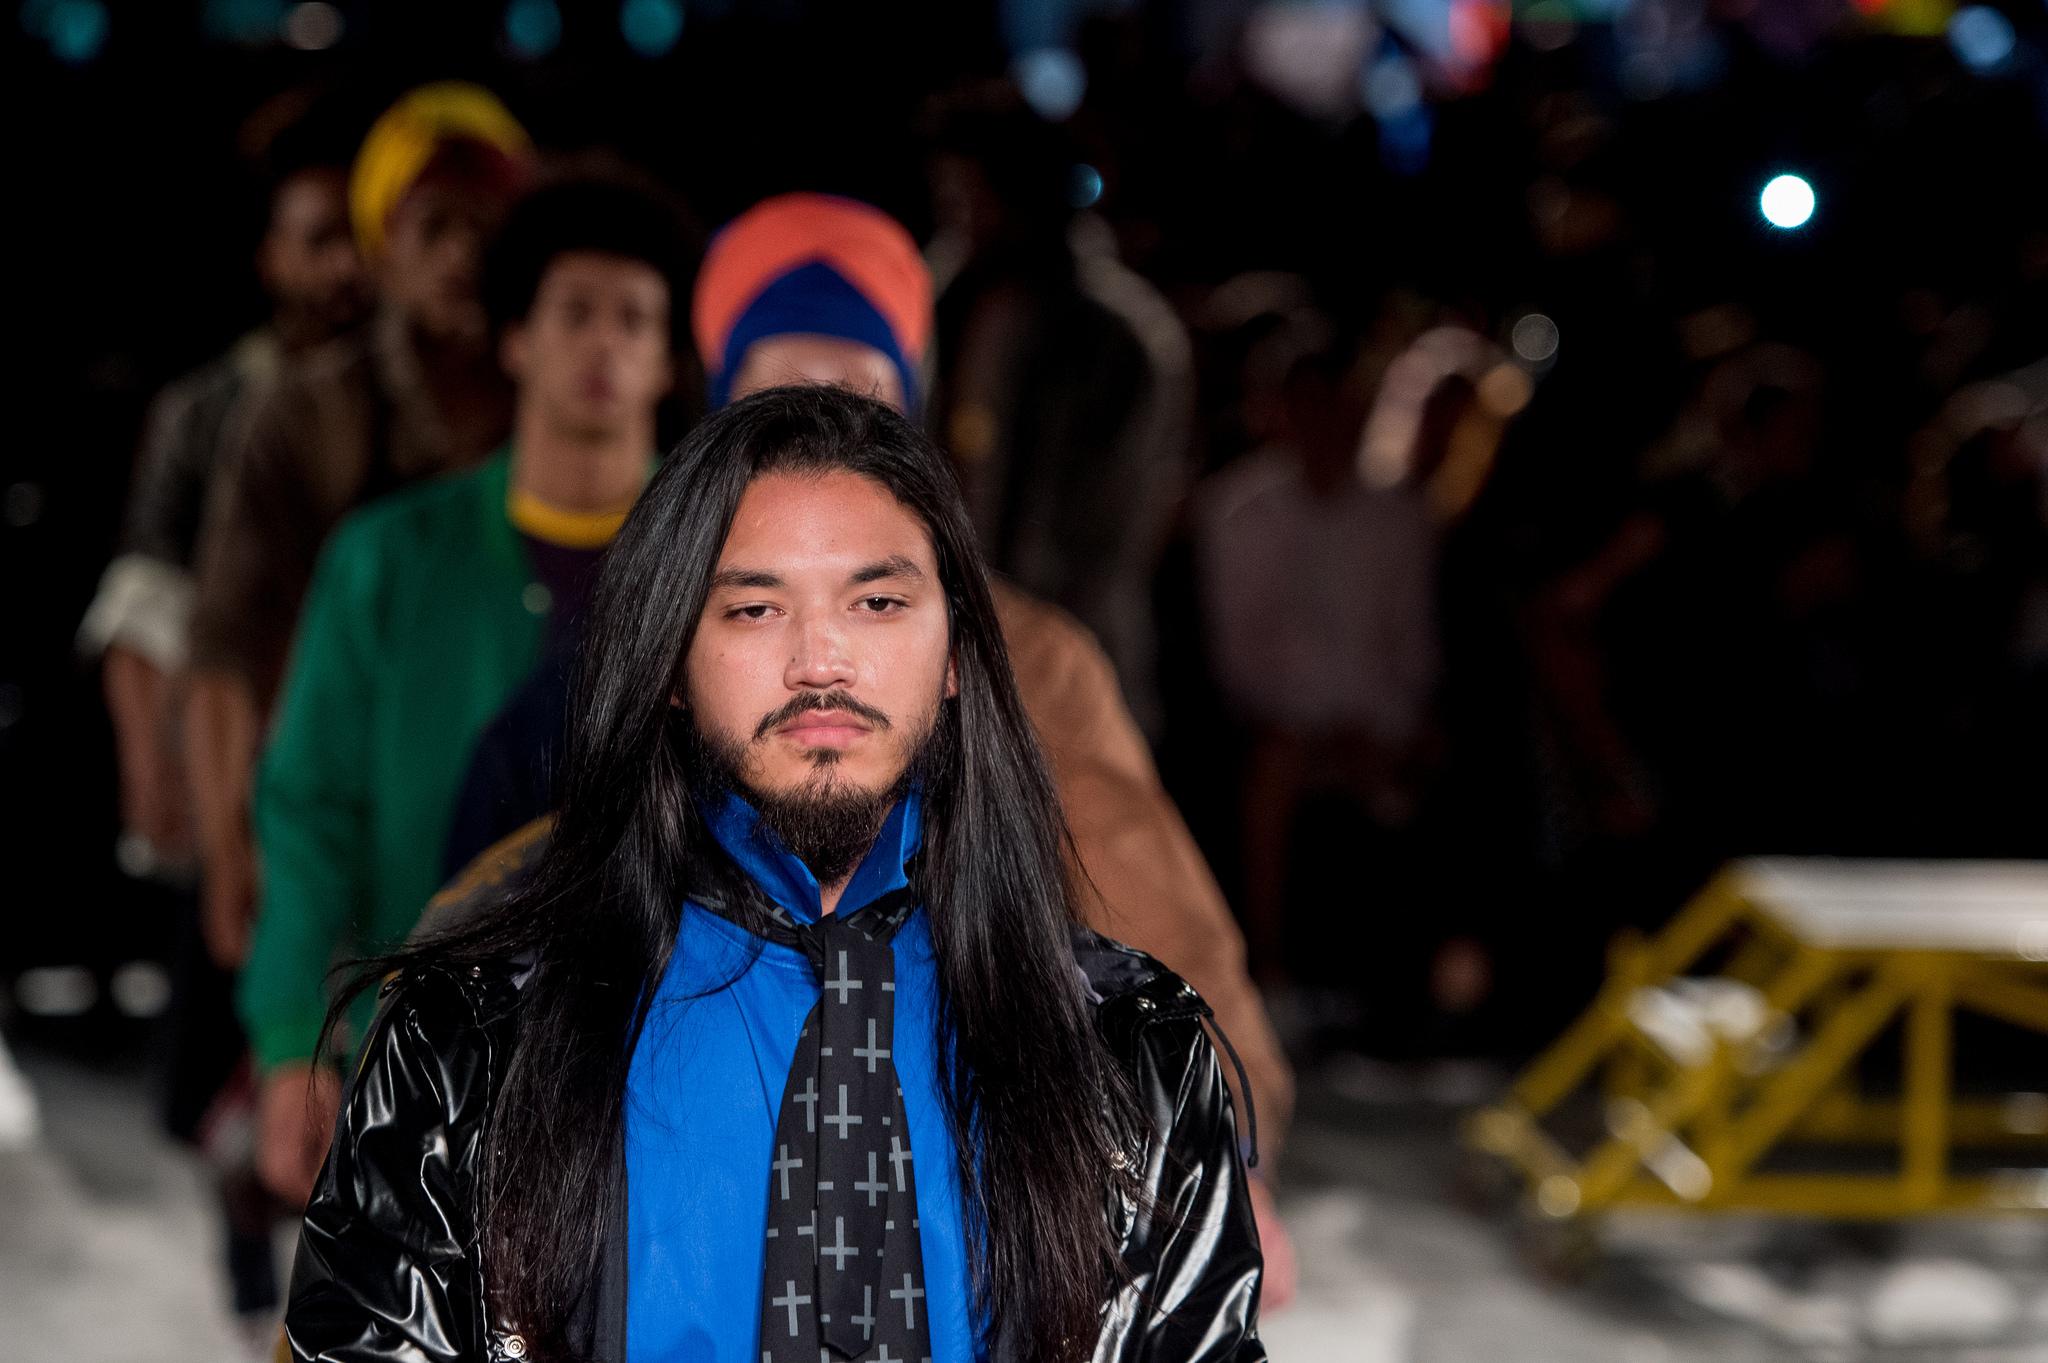 casa-de-criadores-2015-inverno-2016-coleção-masculino-moda-masculina-menswear-stylist-moda-fashion-alex-cursino-moda-sem-censura-blogger-blog-de-moda-blogger-blogueiro (25)